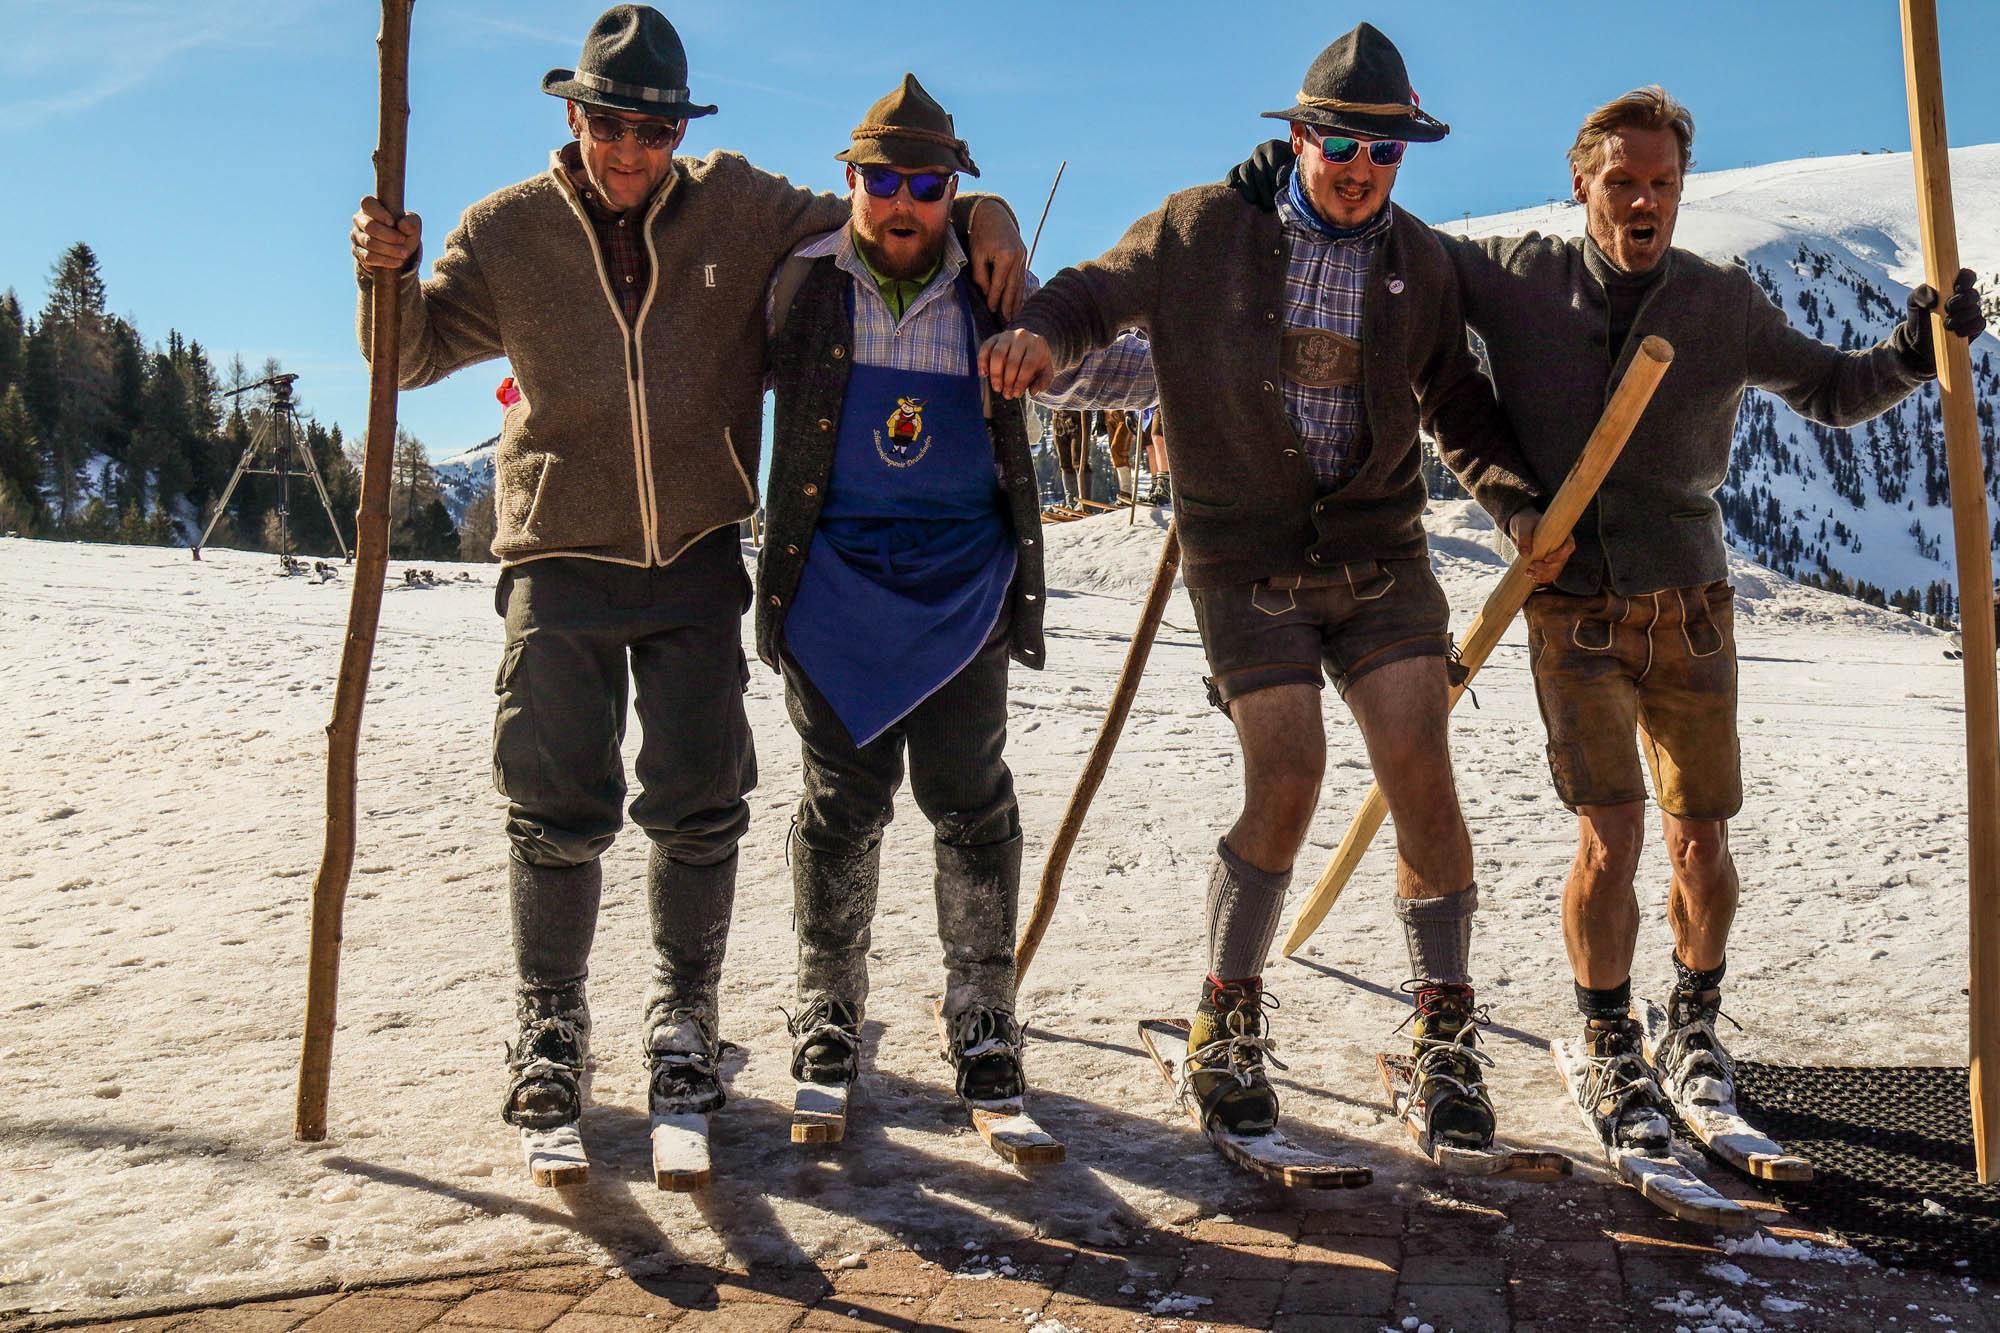 Vier Männer fahren Arm in Arm in Tracht auf historischen Ski